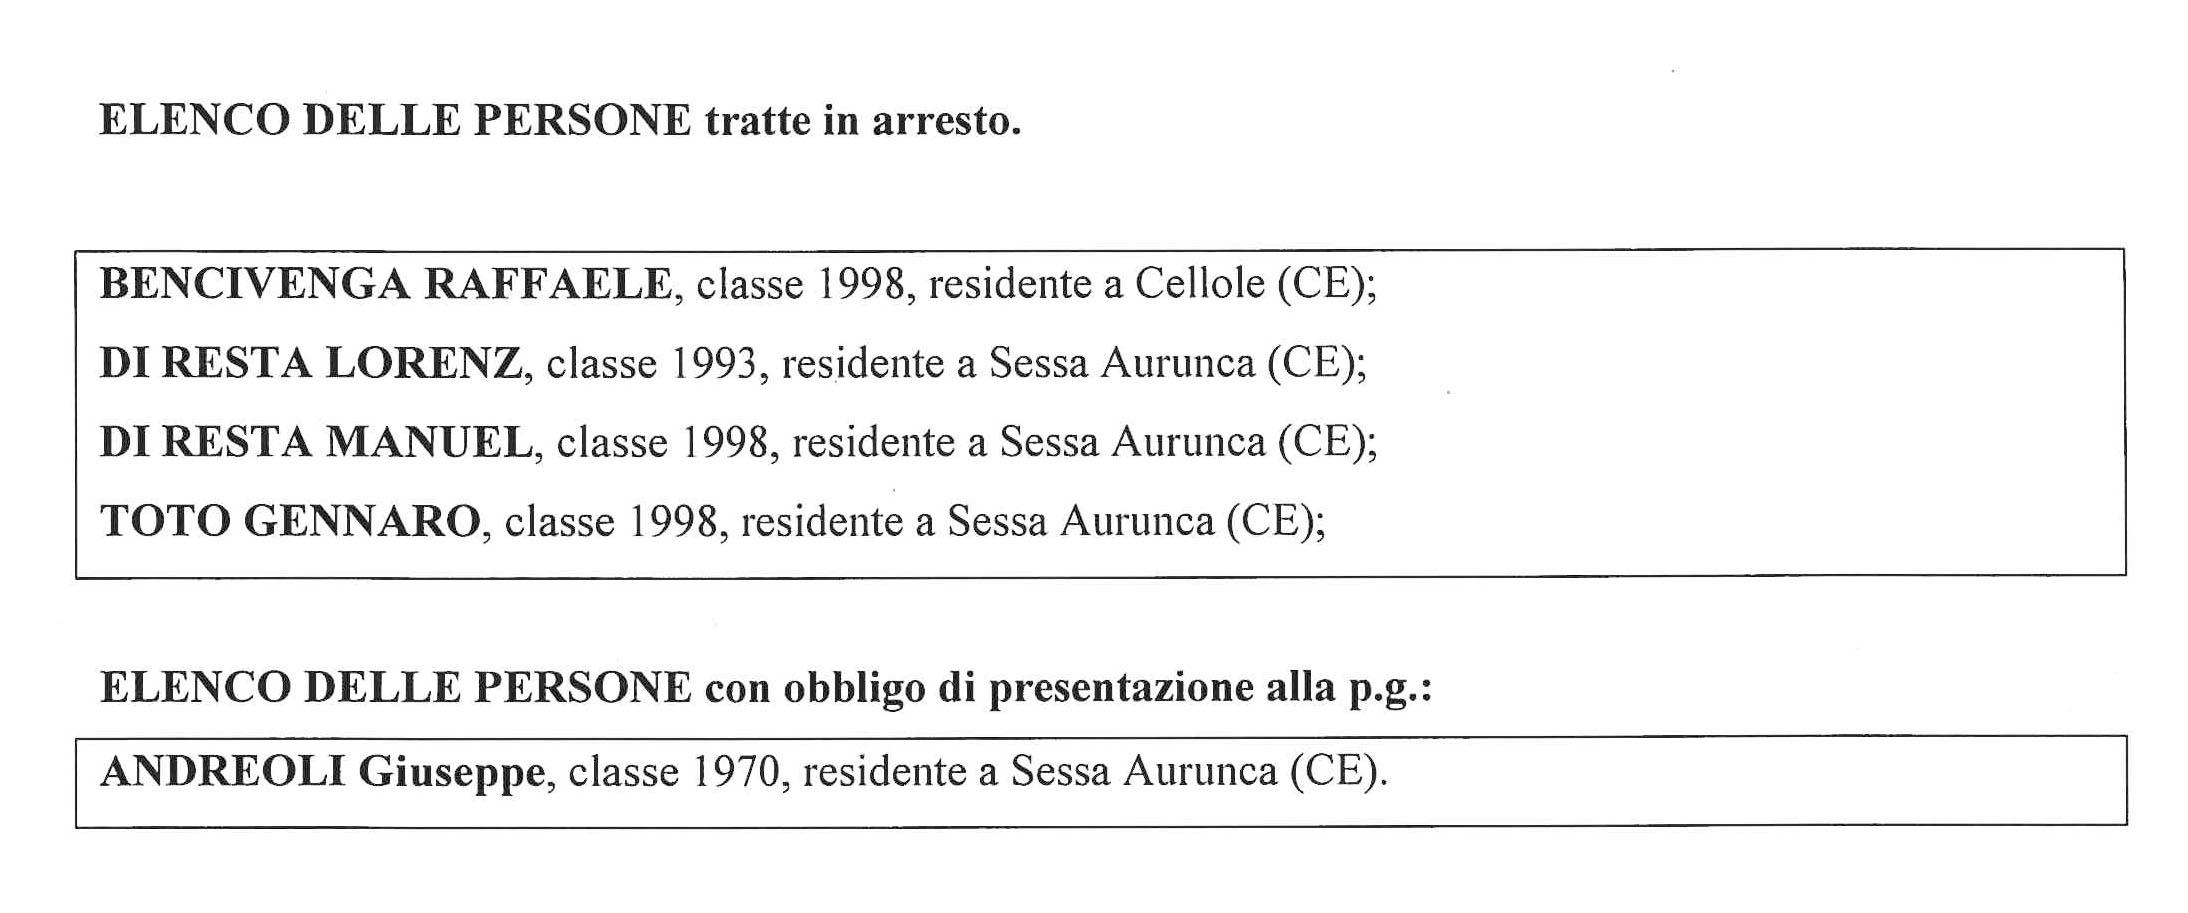 Smaltimento Rifiuti Sessa Aurunca spaccio tra sessa e cellole, 4 arresti (i nomi) - appia news